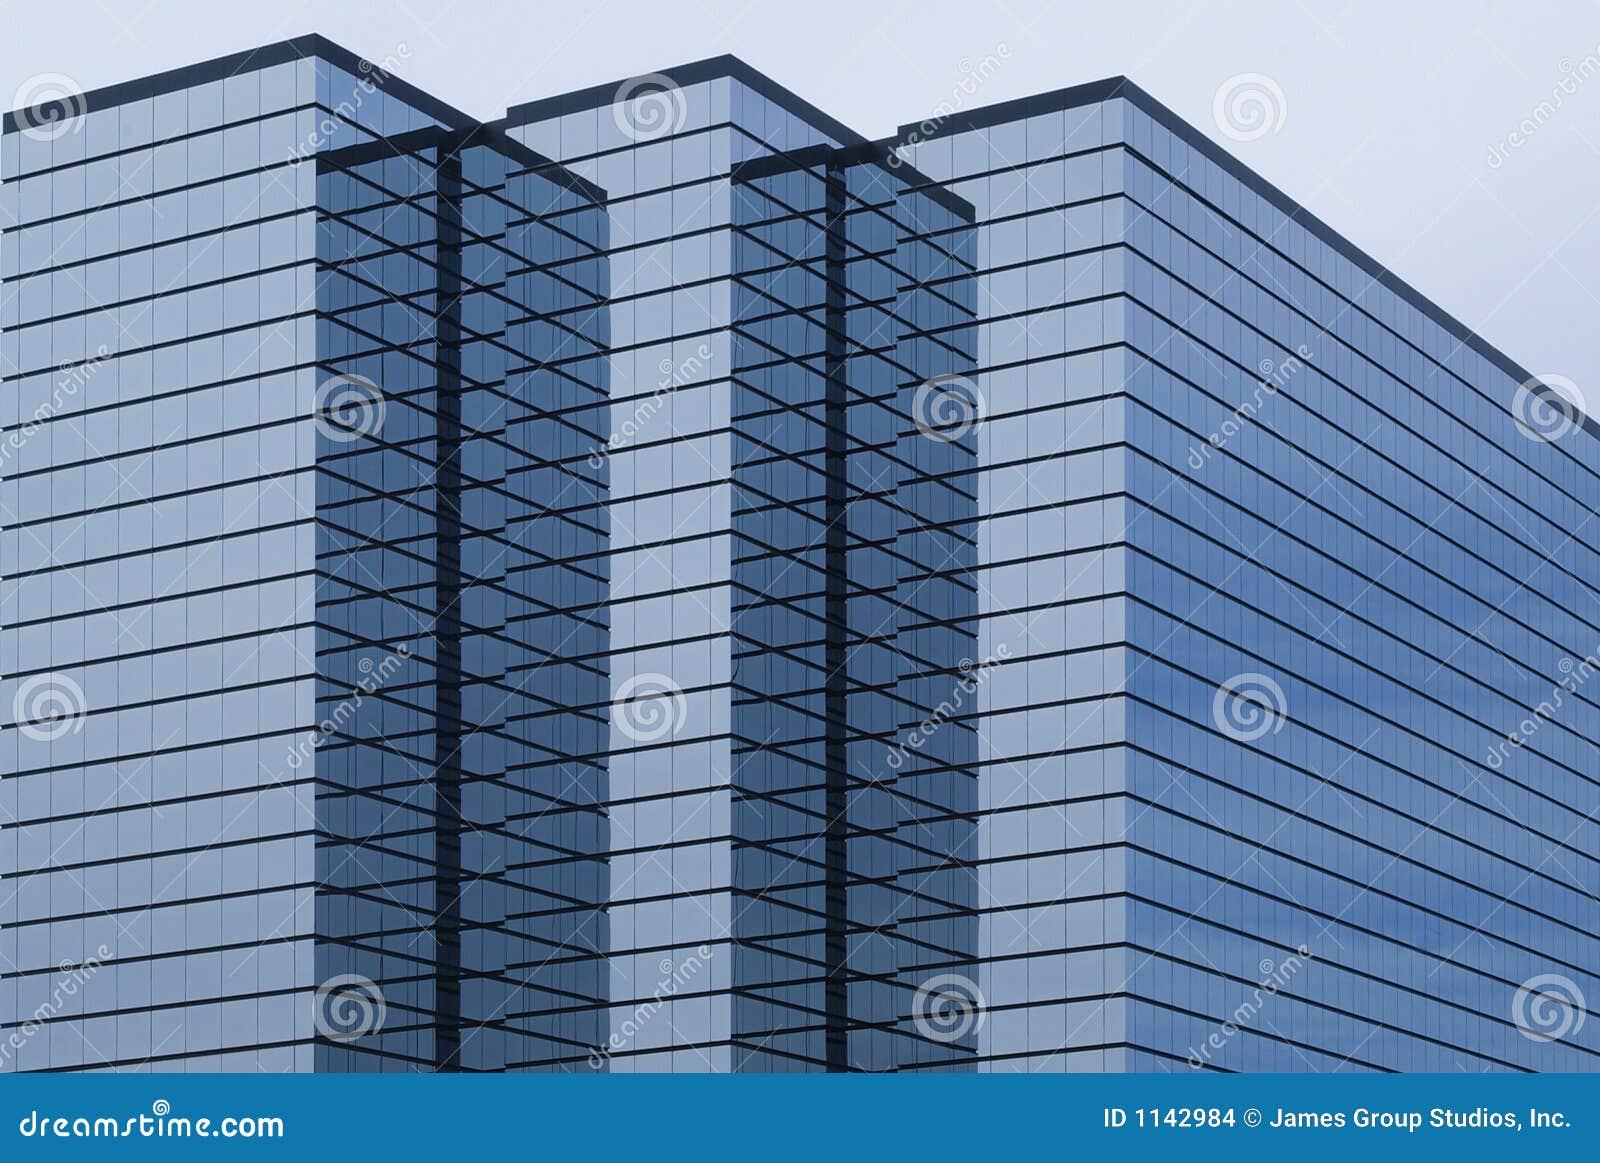 Edificio de oficinas moderno con exterior del vidrio for Exterior oficinas